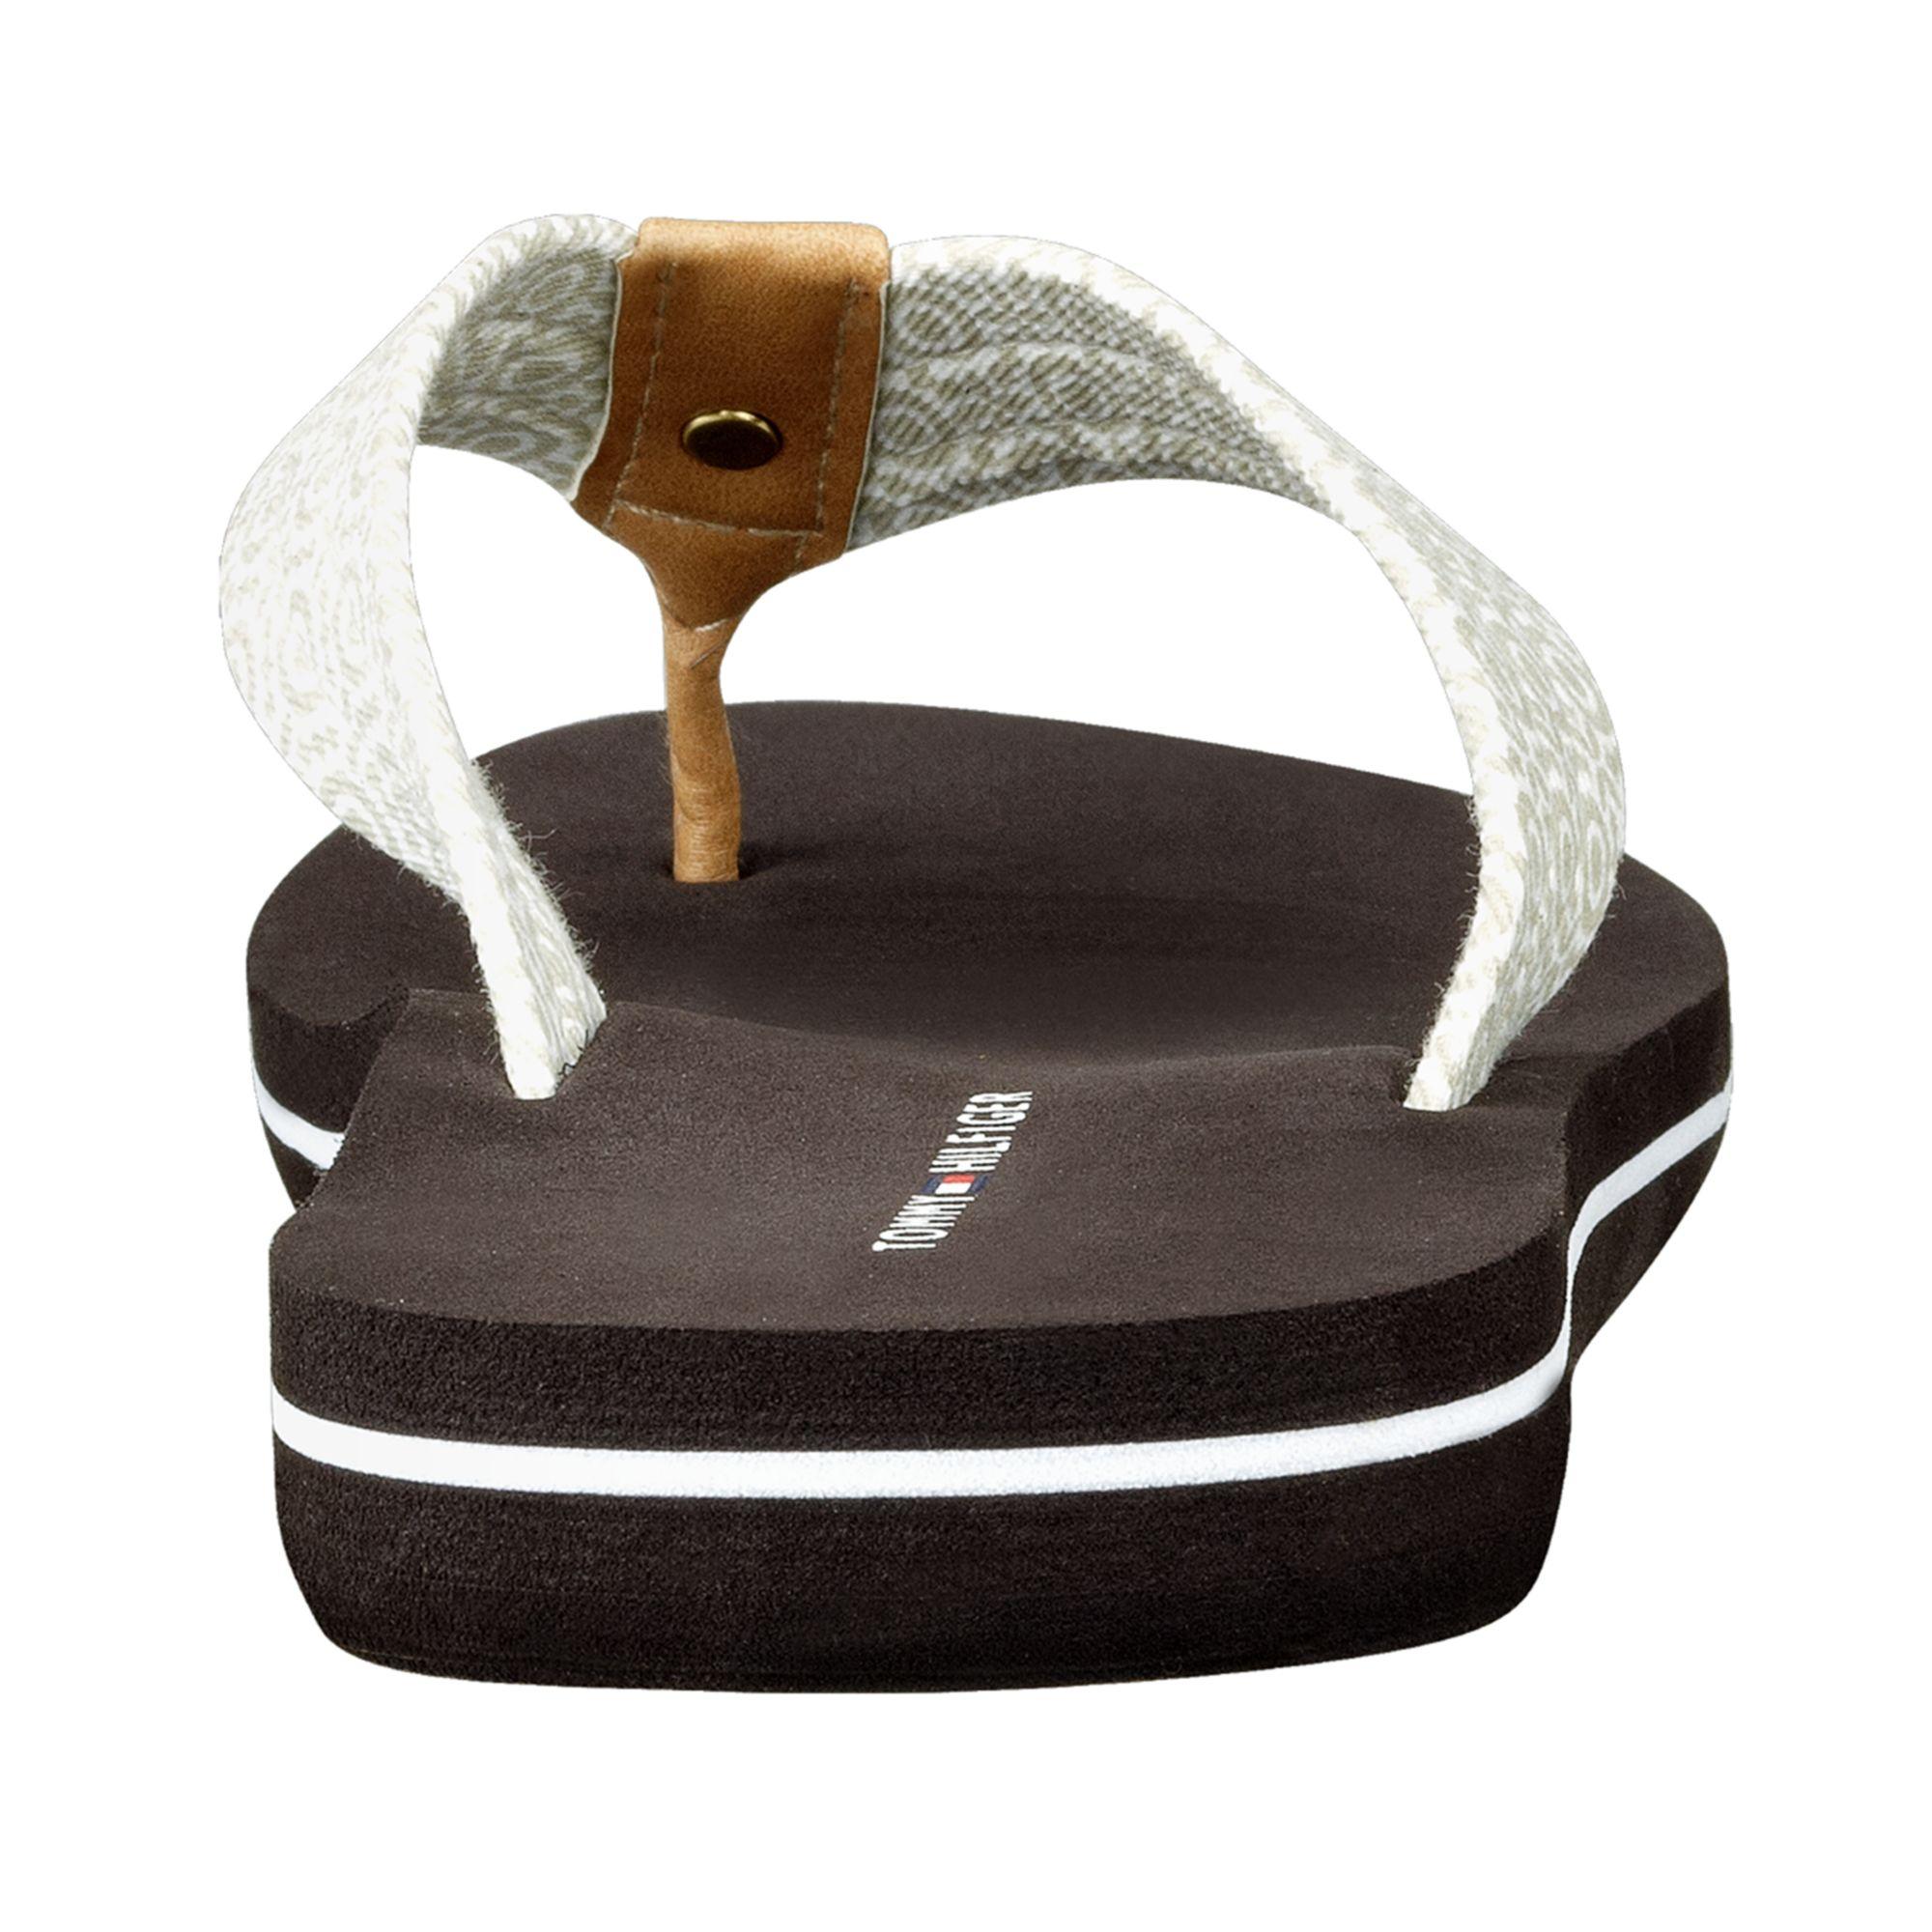 tommy hilfiger womens corrale flip flops in black lyst. Black Bedroom Furniture Sets. Home Design Ideas